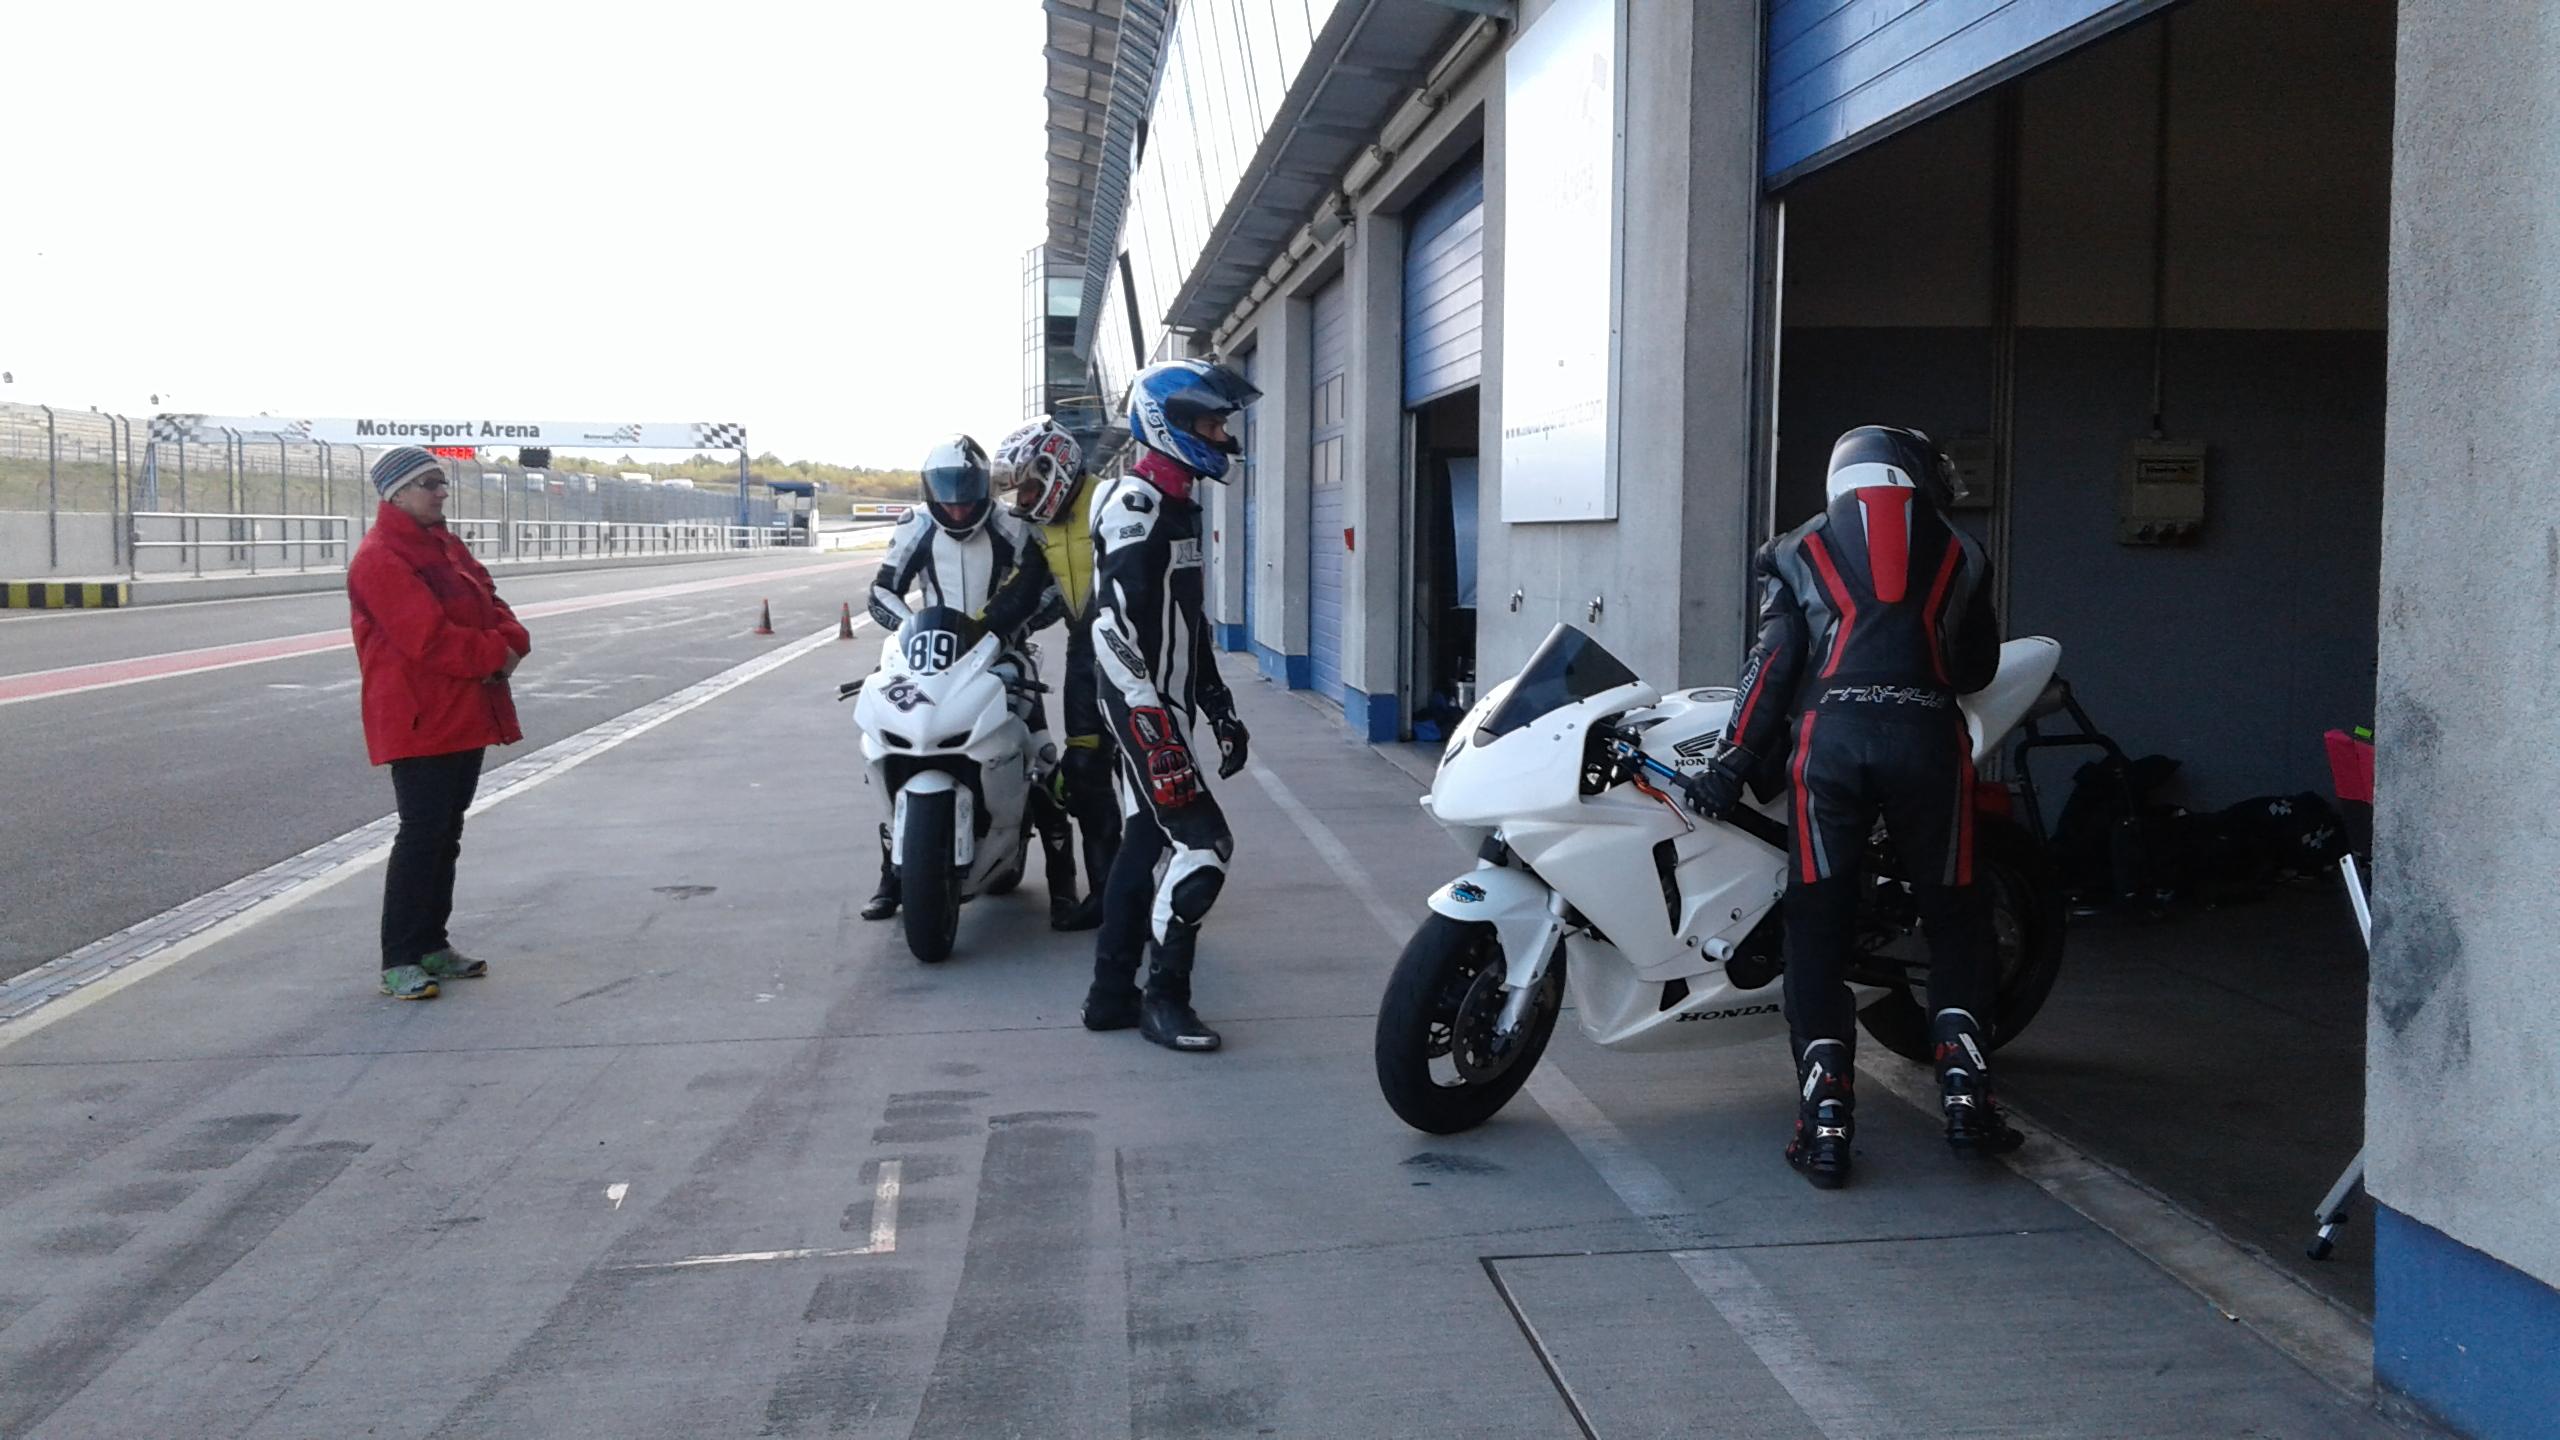 boxengasse-motorsport-arena-oschersleben